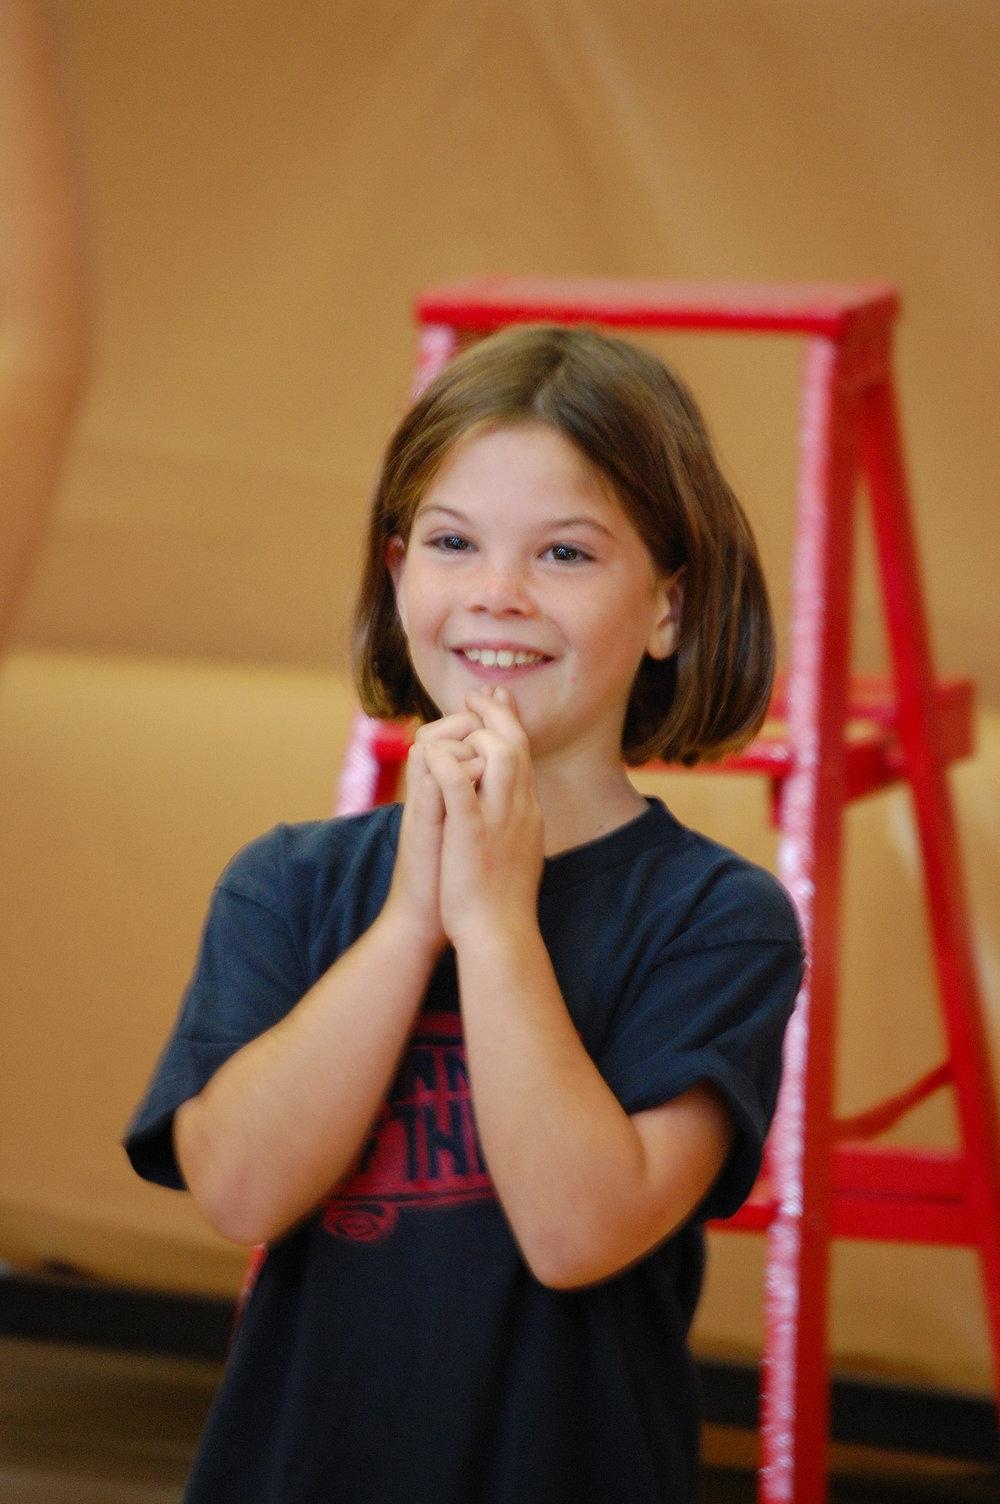 Smiling girl (2).jpg